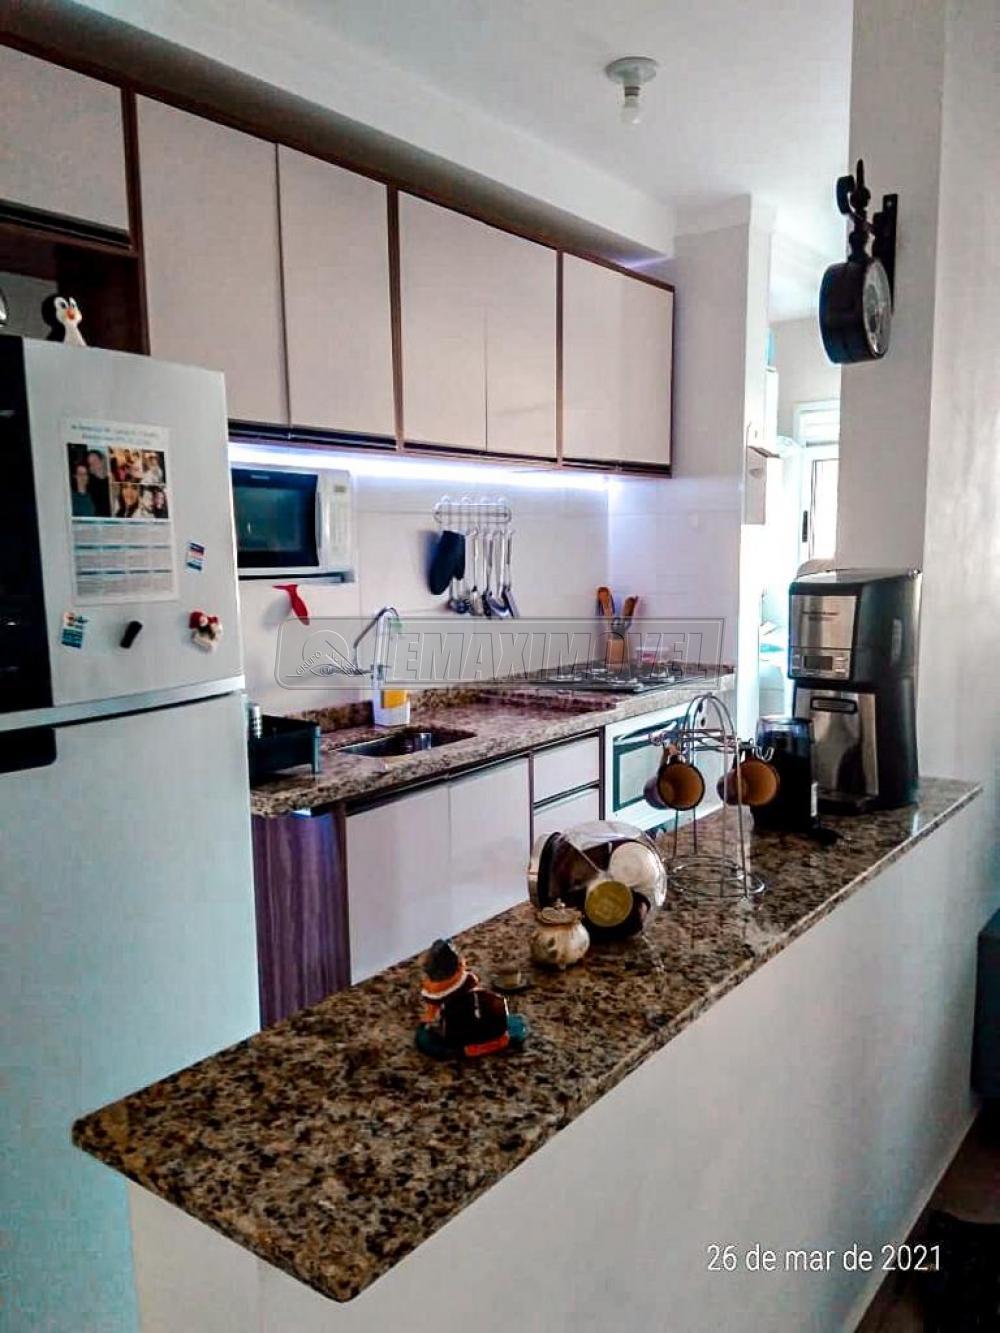 Comprar Apartamentos / Apto Padrão em Sorocaba apenas R$ 230.000,00 - Foto 15